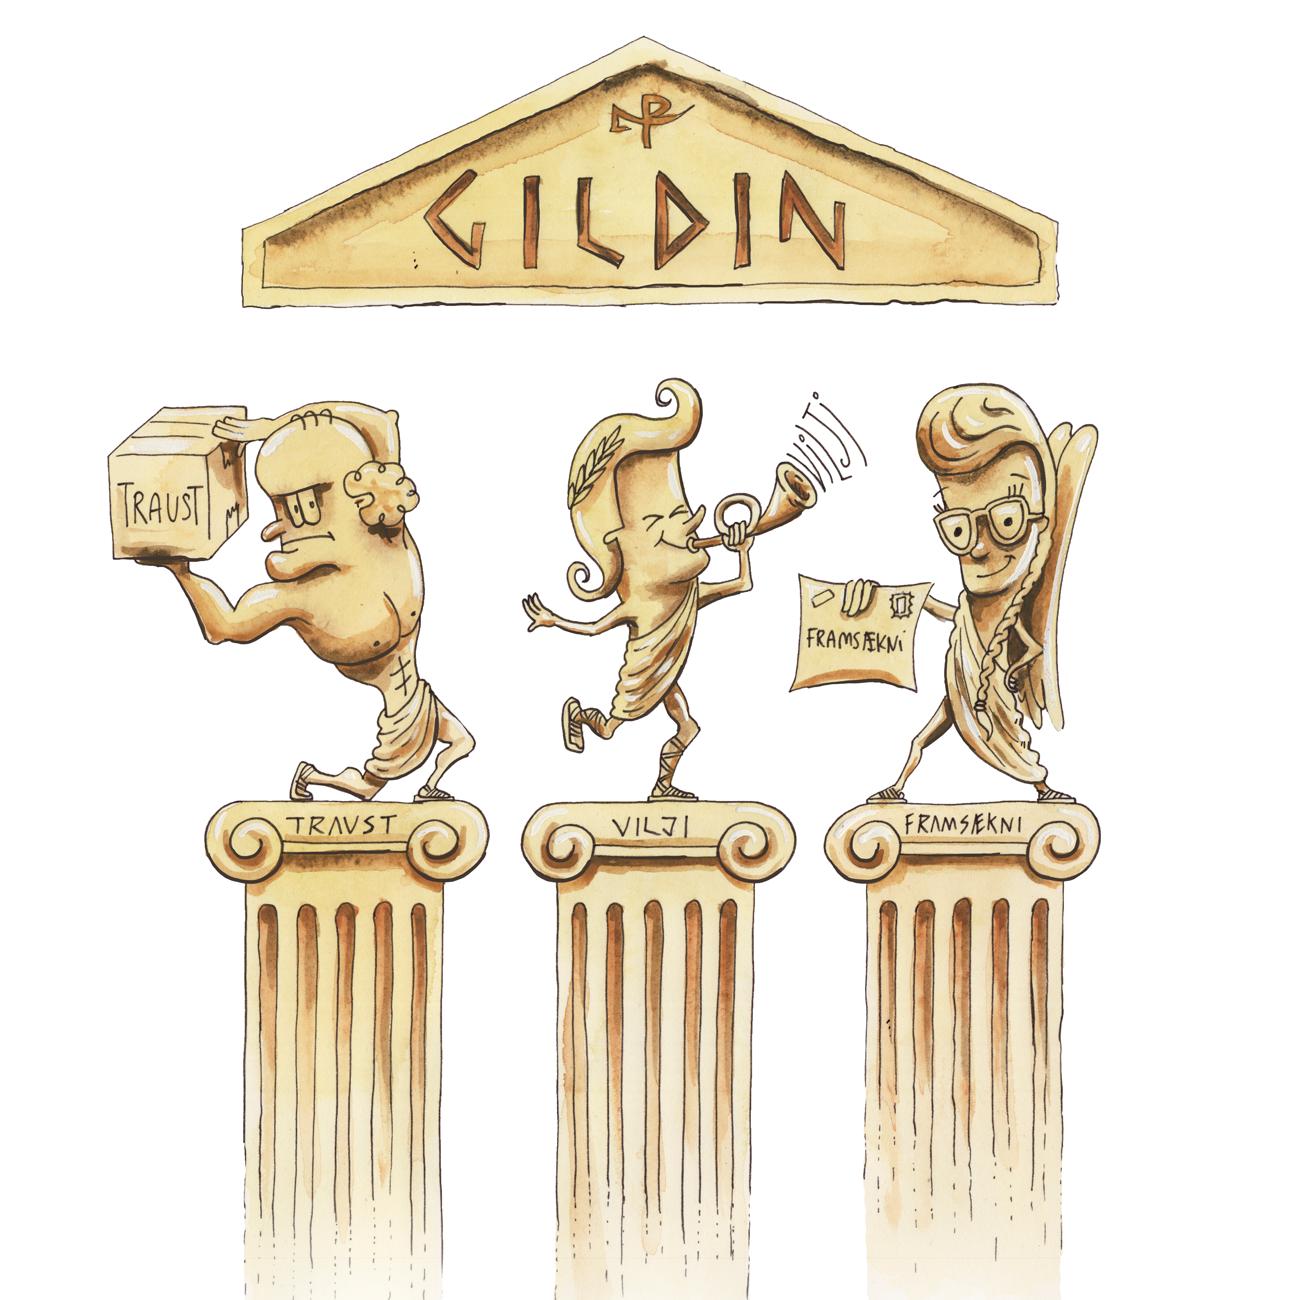 Gildin_oll1300